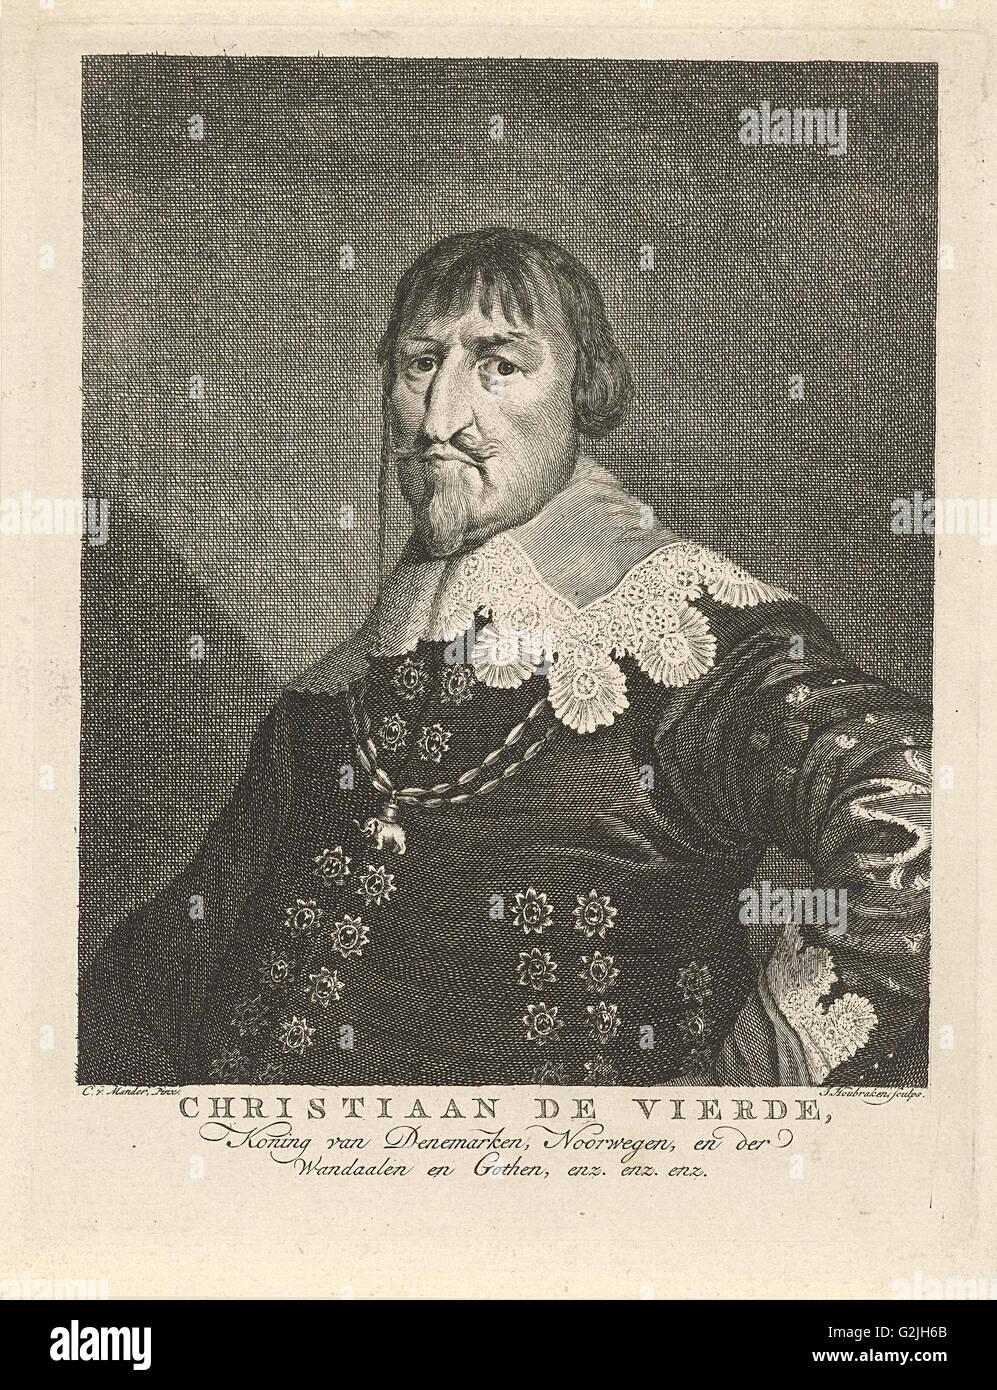 Portrait of King Christian IV of Denmark, Jacob Houbraken, 1708 - 1780 - Stock Image